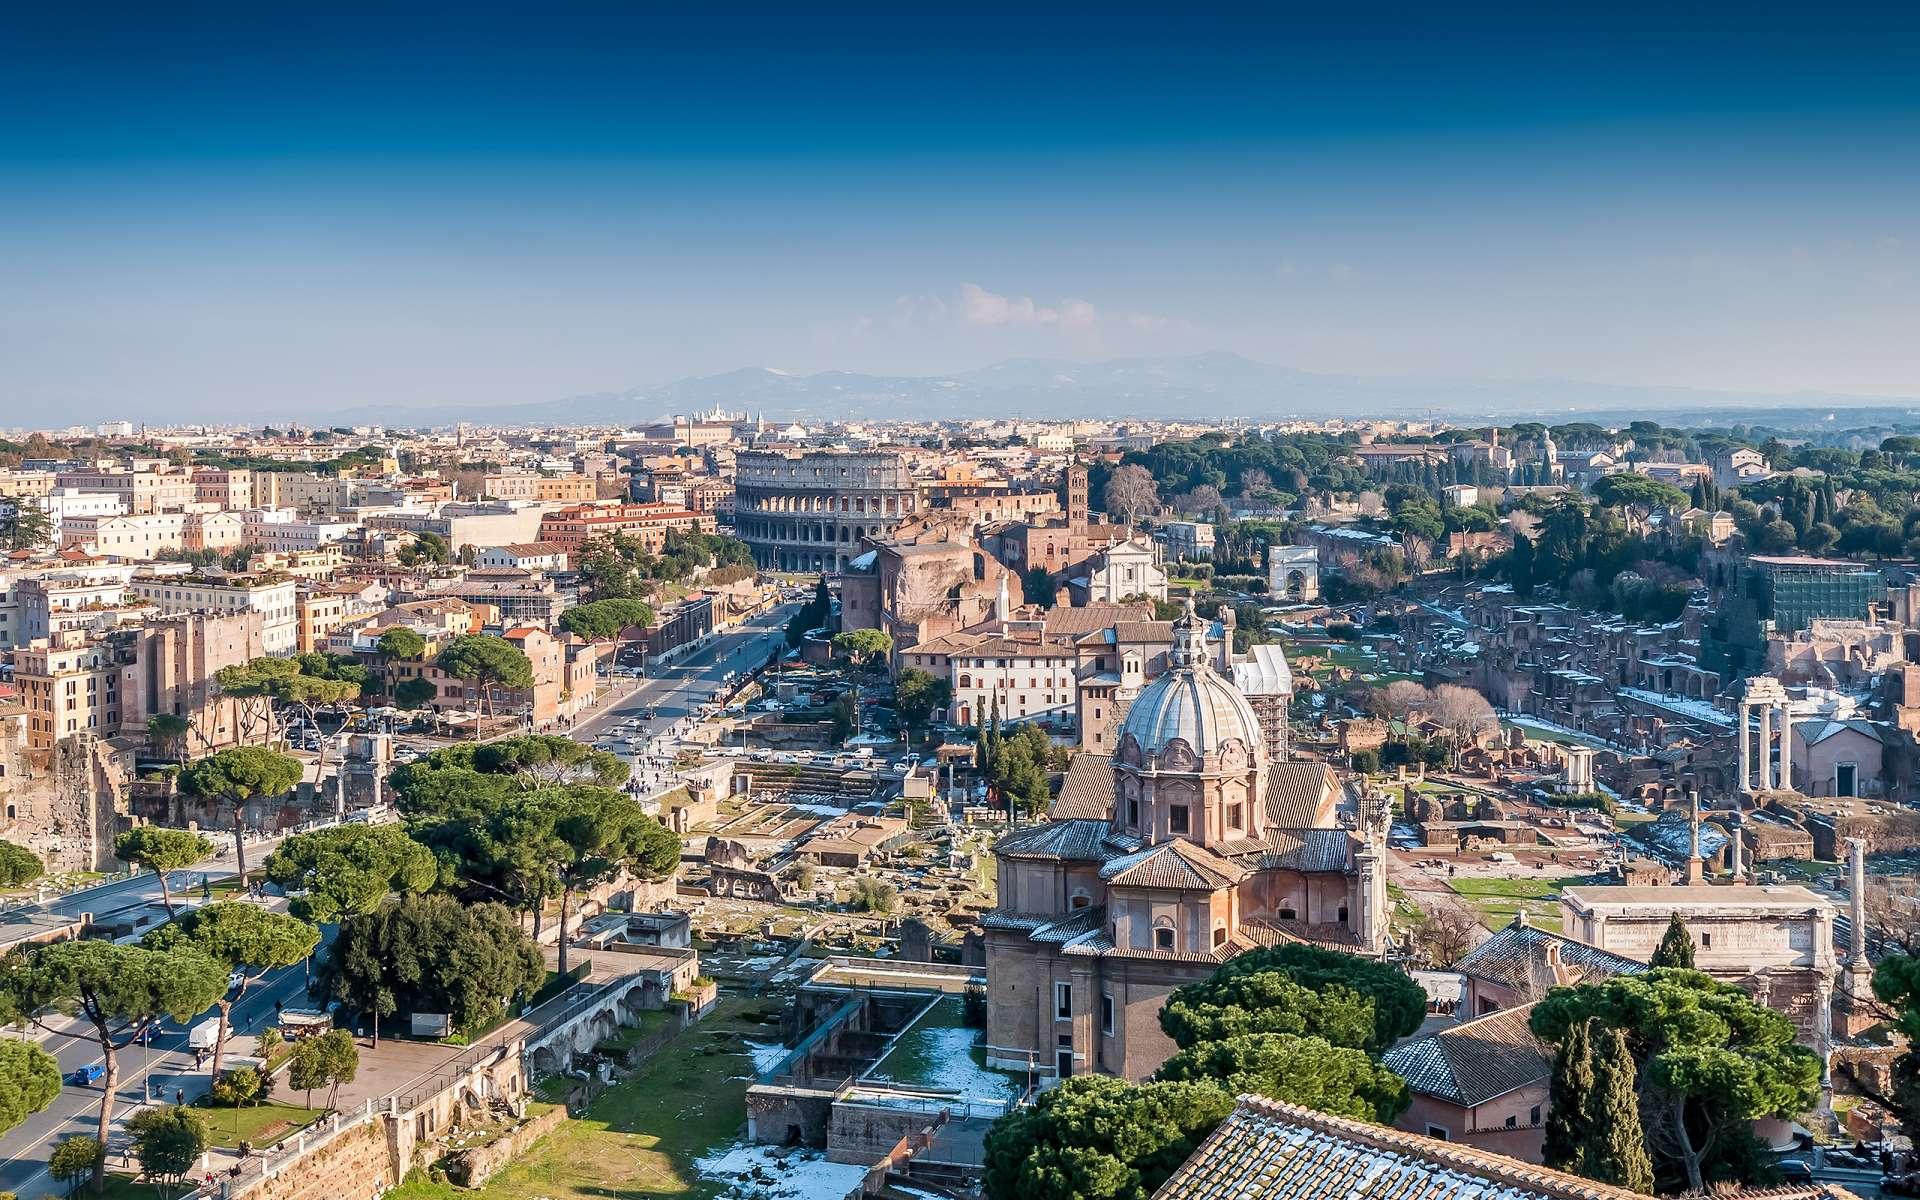 страны архитектура Италия Рим country architecture Italy Rome  № 285930 загрузить